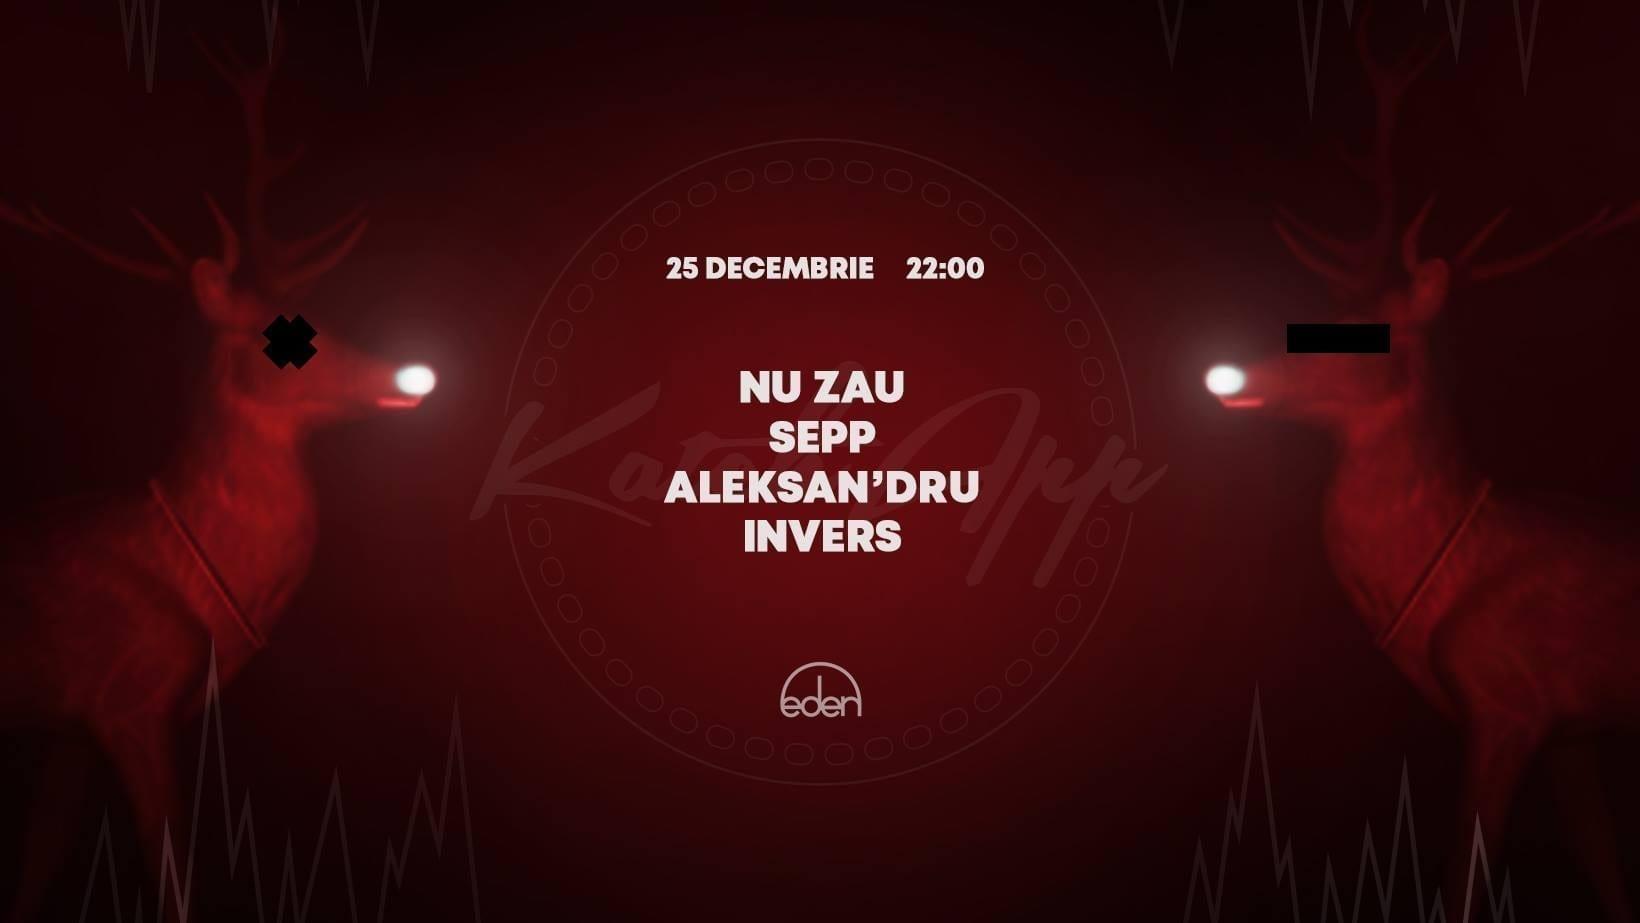 A Christmas Carol w. Nu Zau / Sepp / Aleksan'dru / Invers